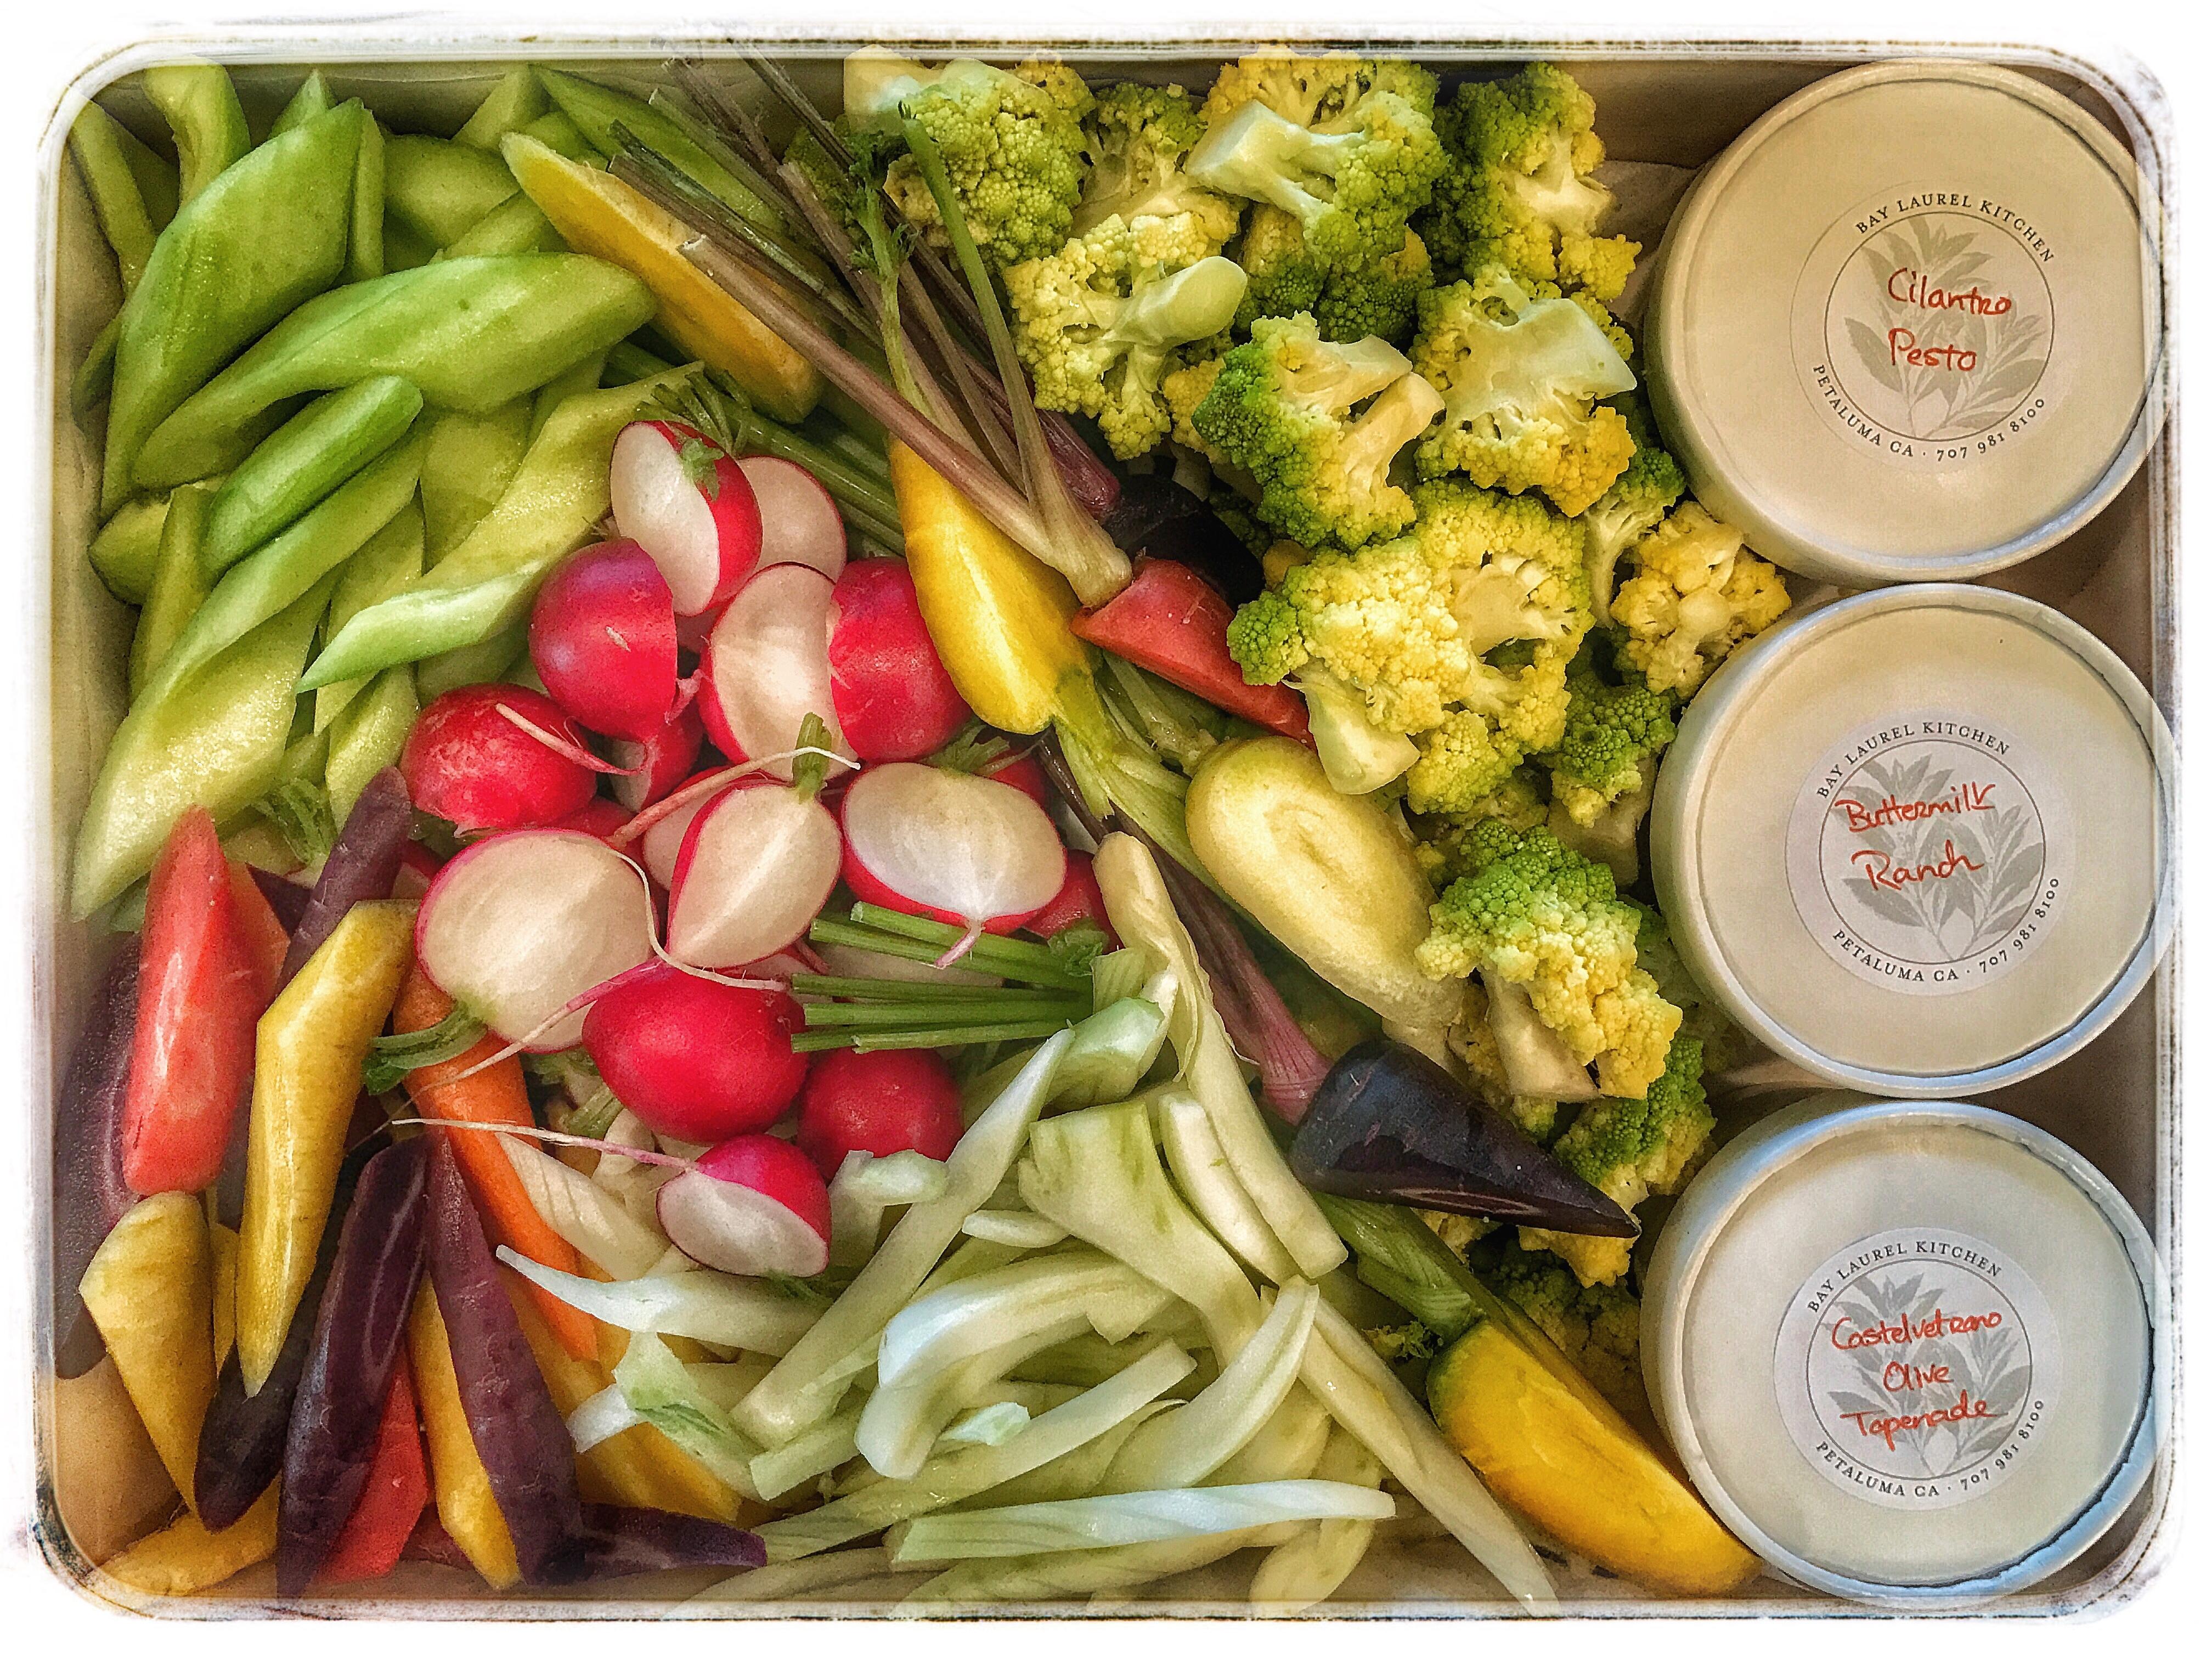 Farmers' Market Vegetables & Dips